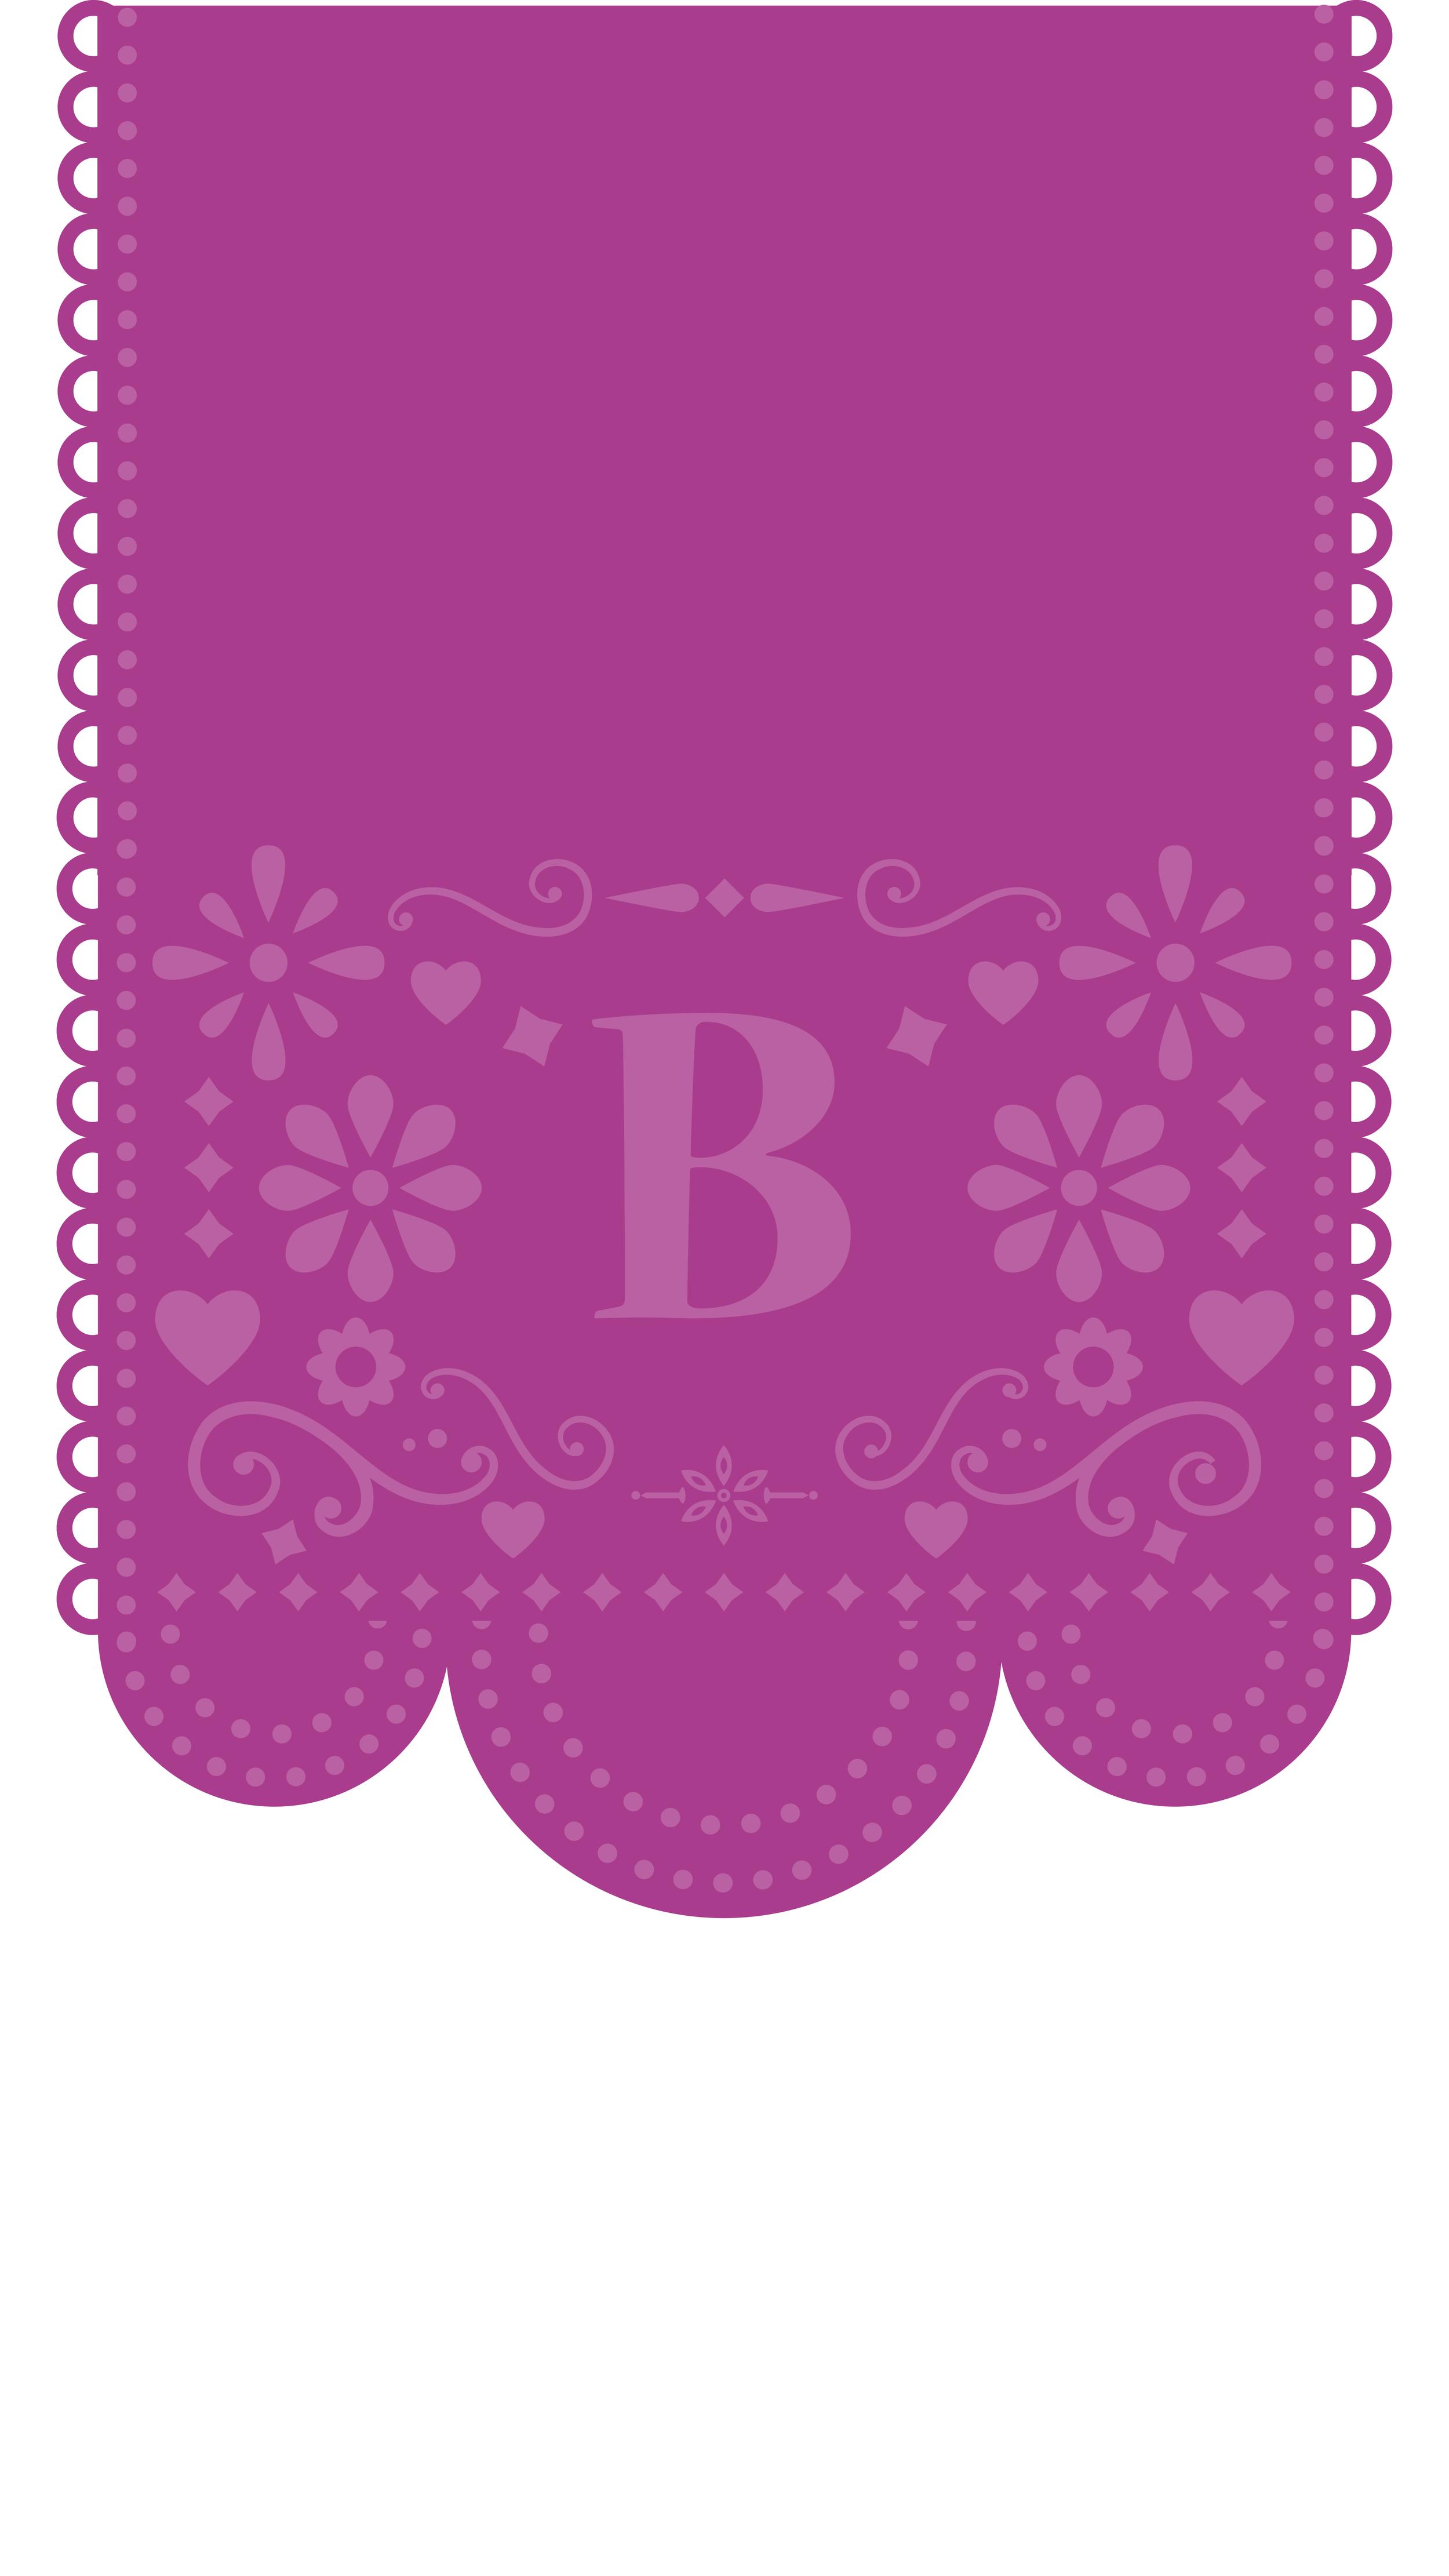 b-fiesta-banner.png